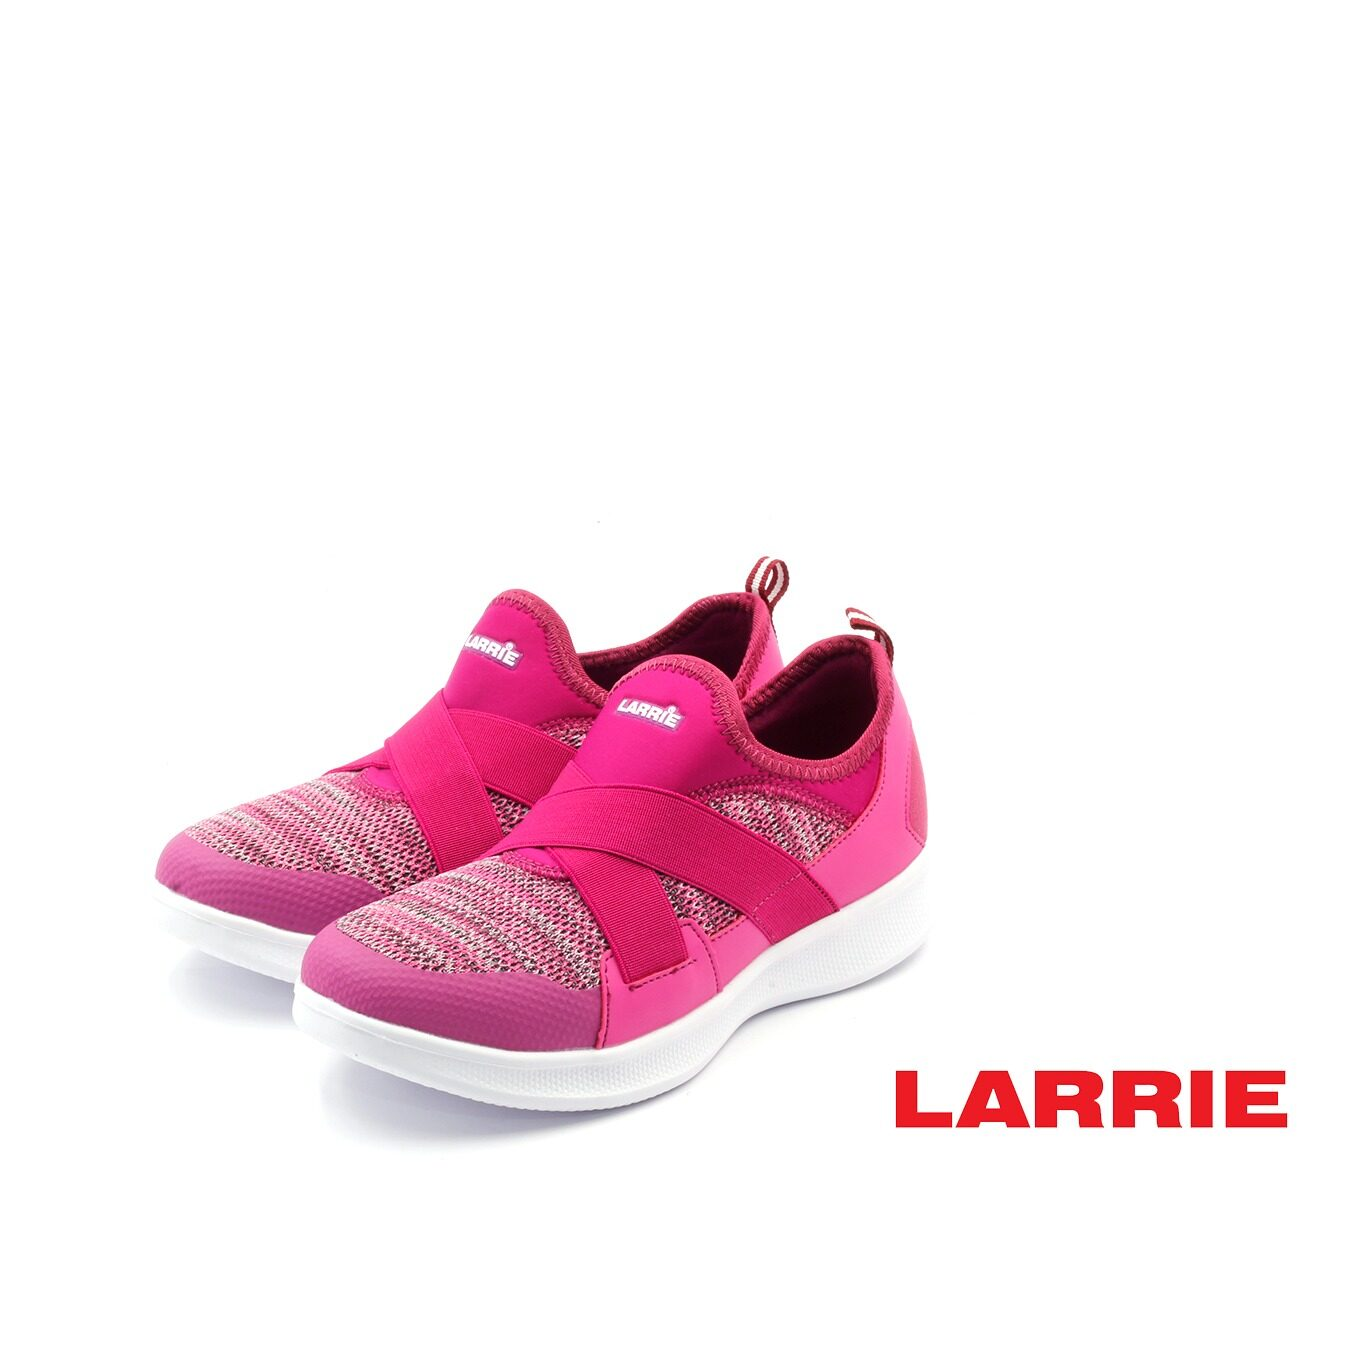 LARRIE Kasut Perempuan Secure Lightweight Sporty Sneakers Women - L61906-KN01SV